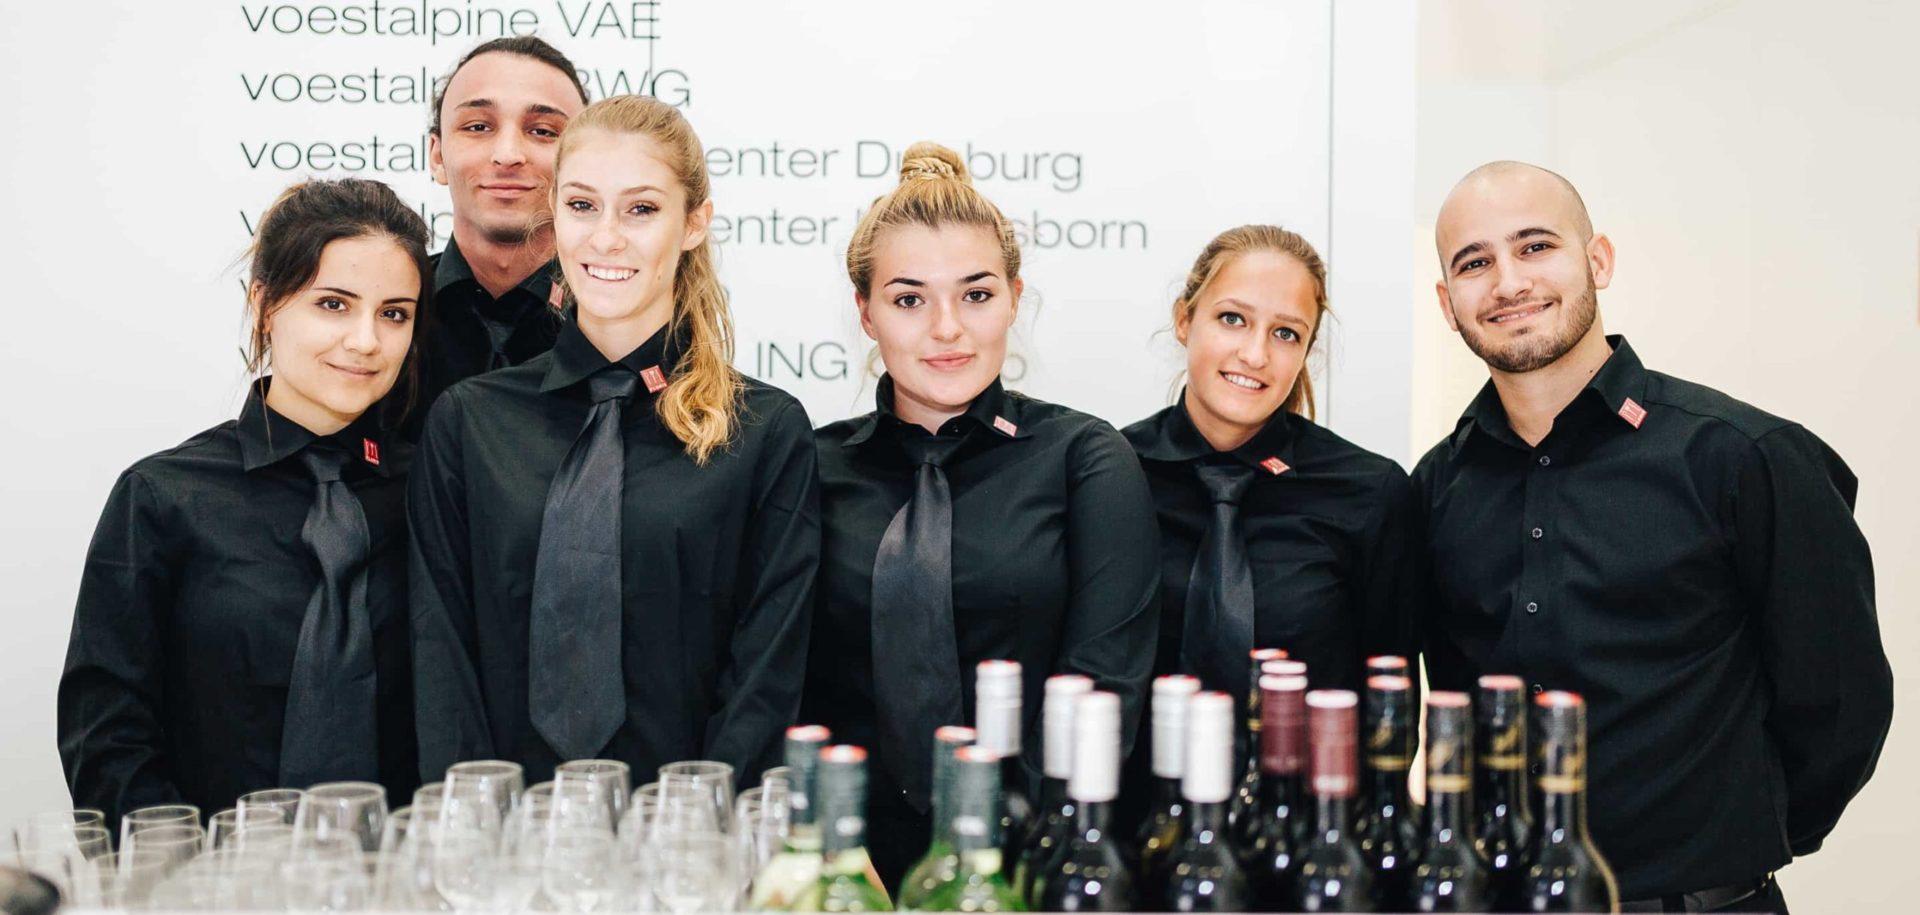 Die Kellnerinnen und Kellner von ucm.agency beherrschen alle wichtigen Regeln der gehobenen Gastronomie sicher